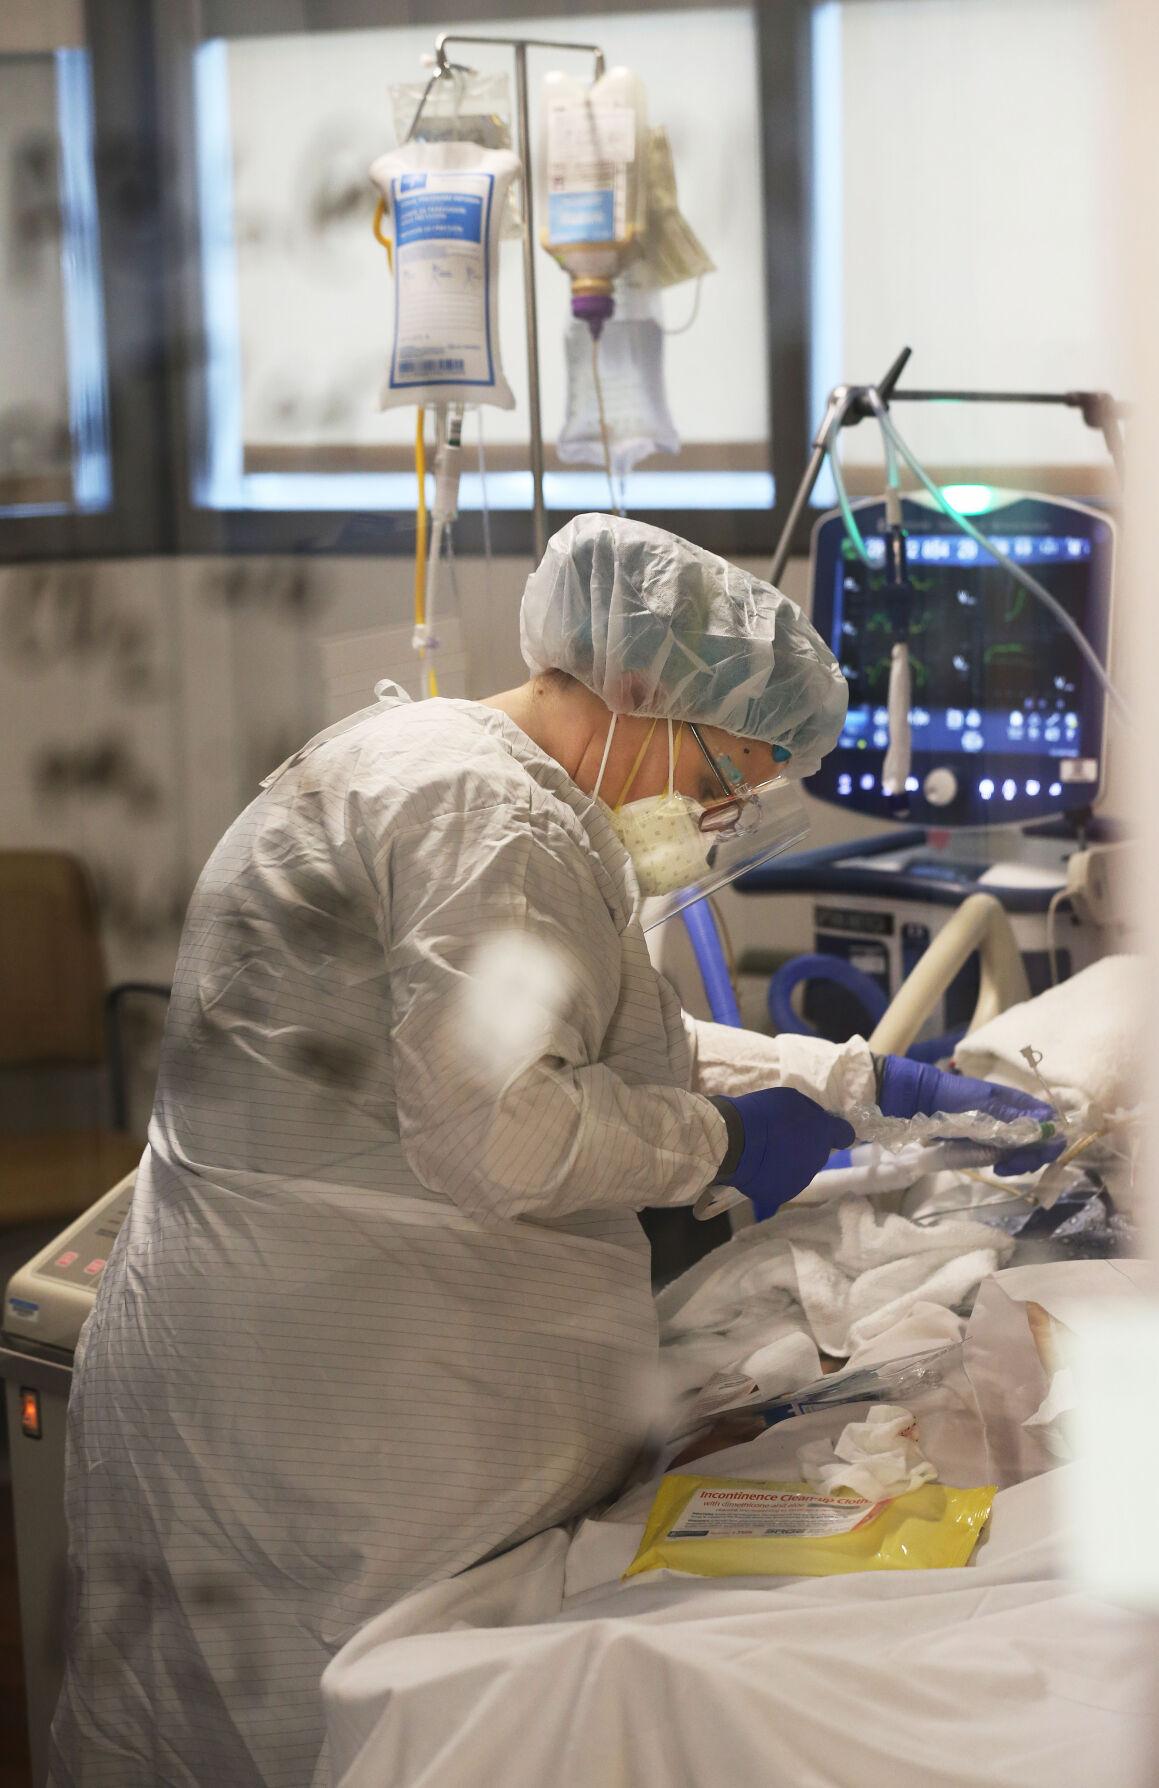 20201230-bc-hospitals